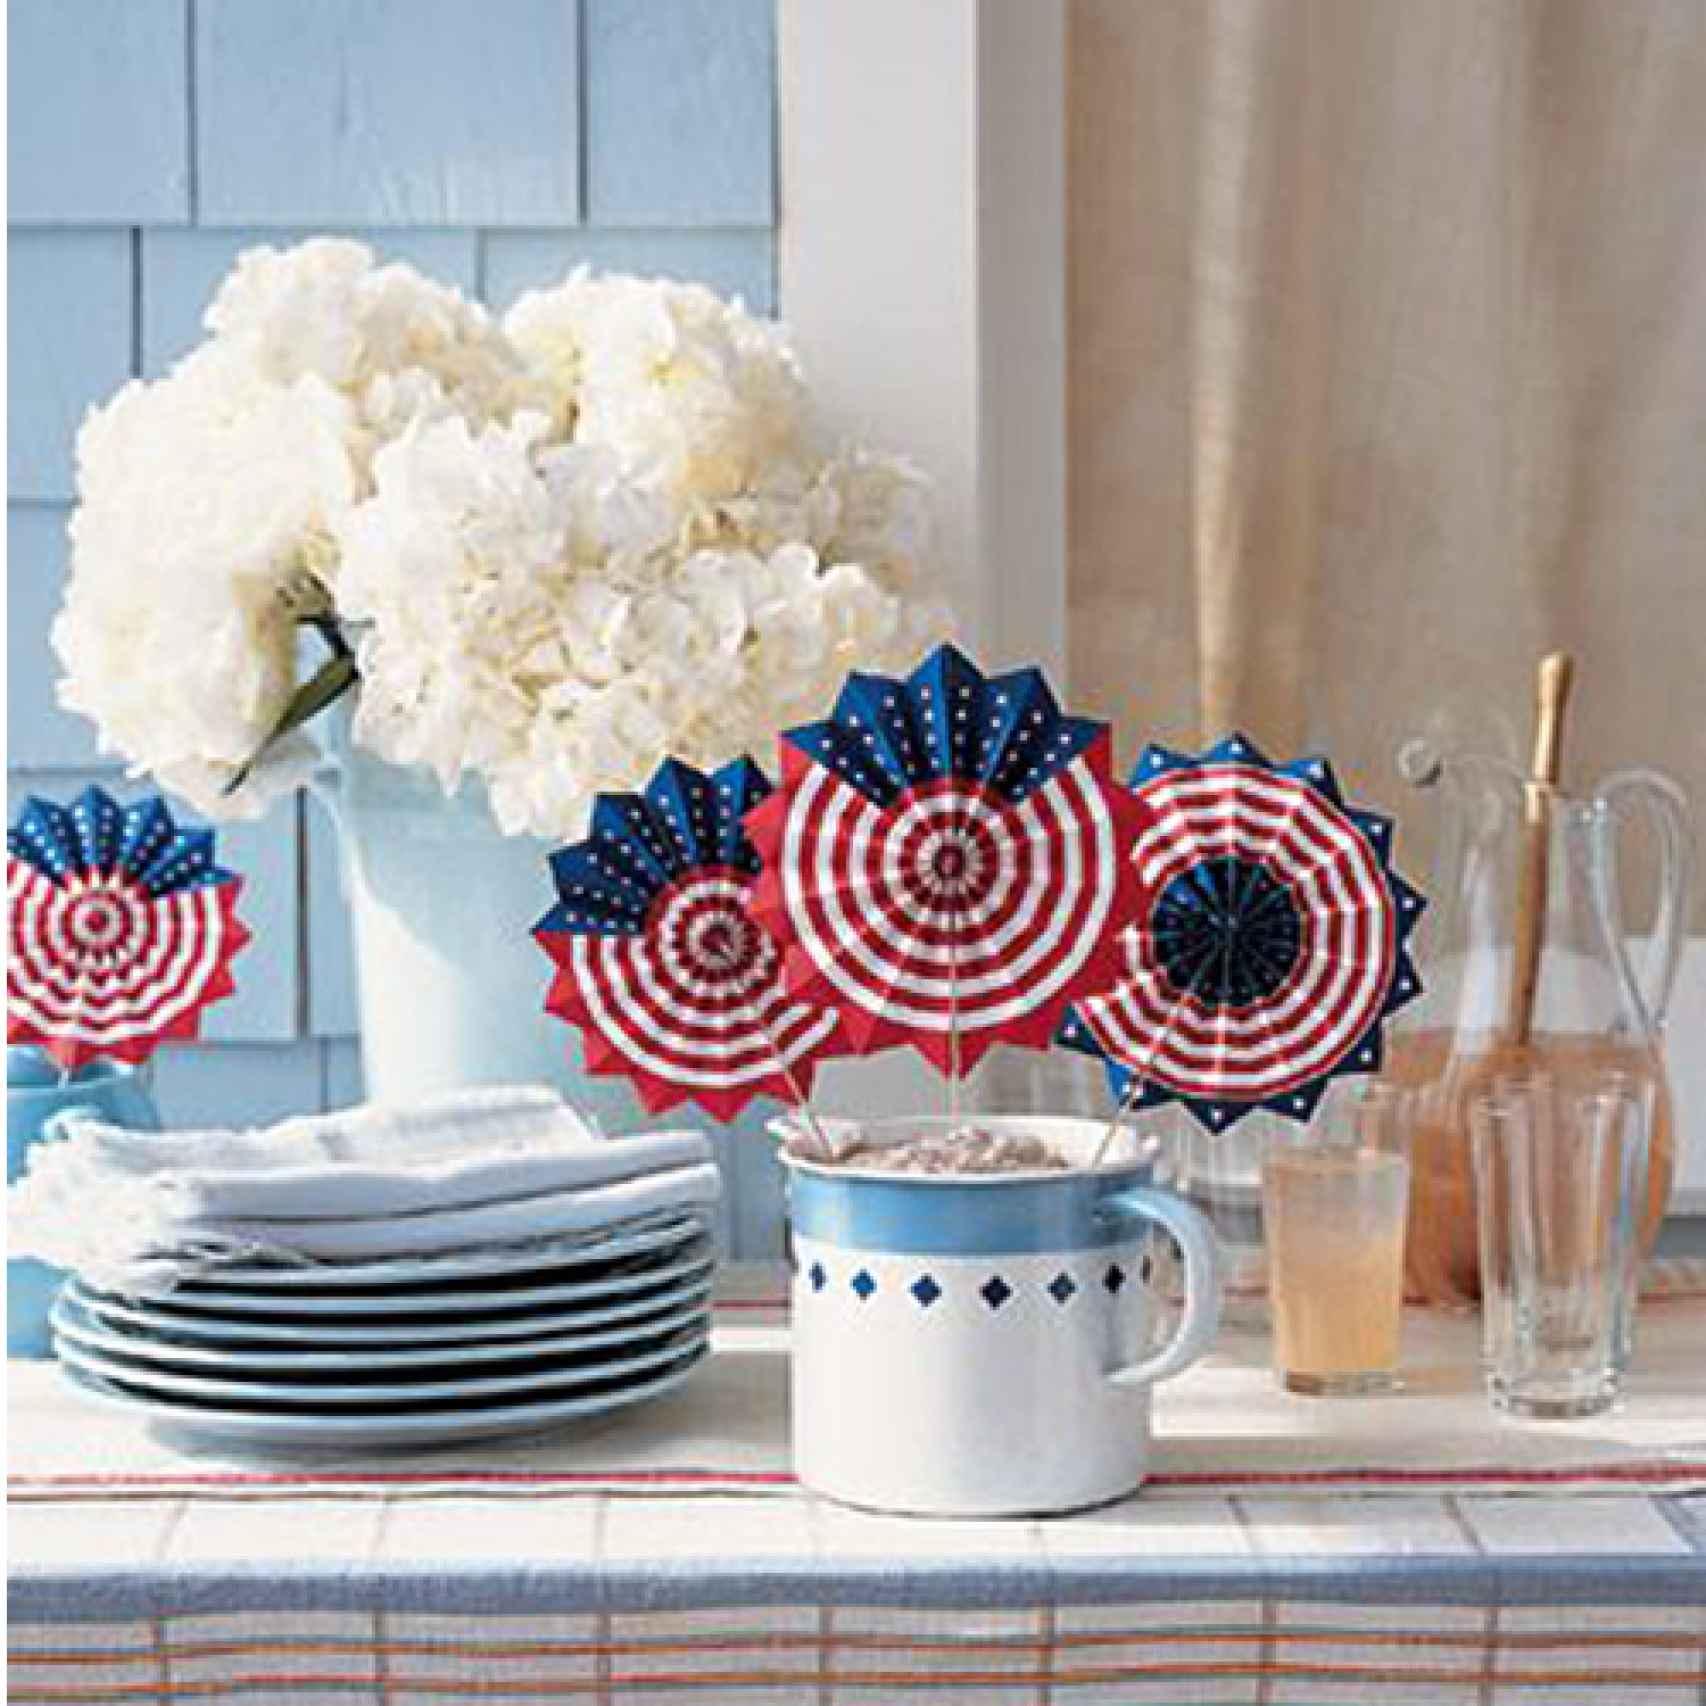 Decoración DIY (do it yourself) con temática de la bandera de EE.UU.